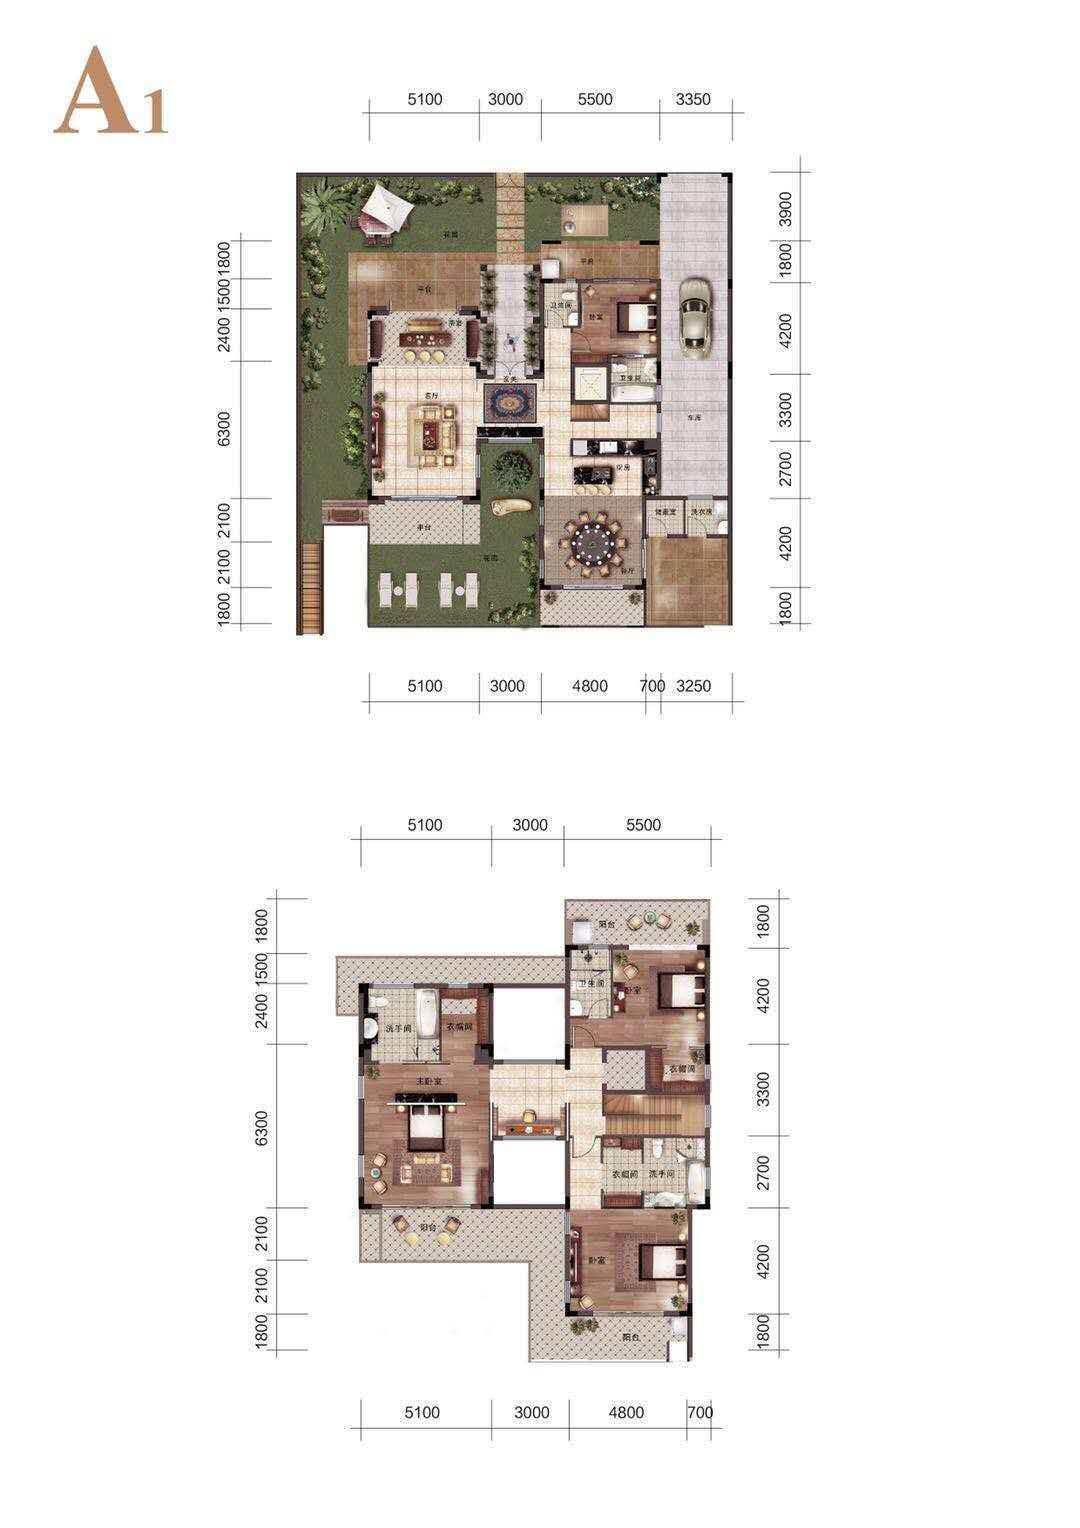 怡海湾A1户型 建筑面积286㎡ 4室3厅5卫